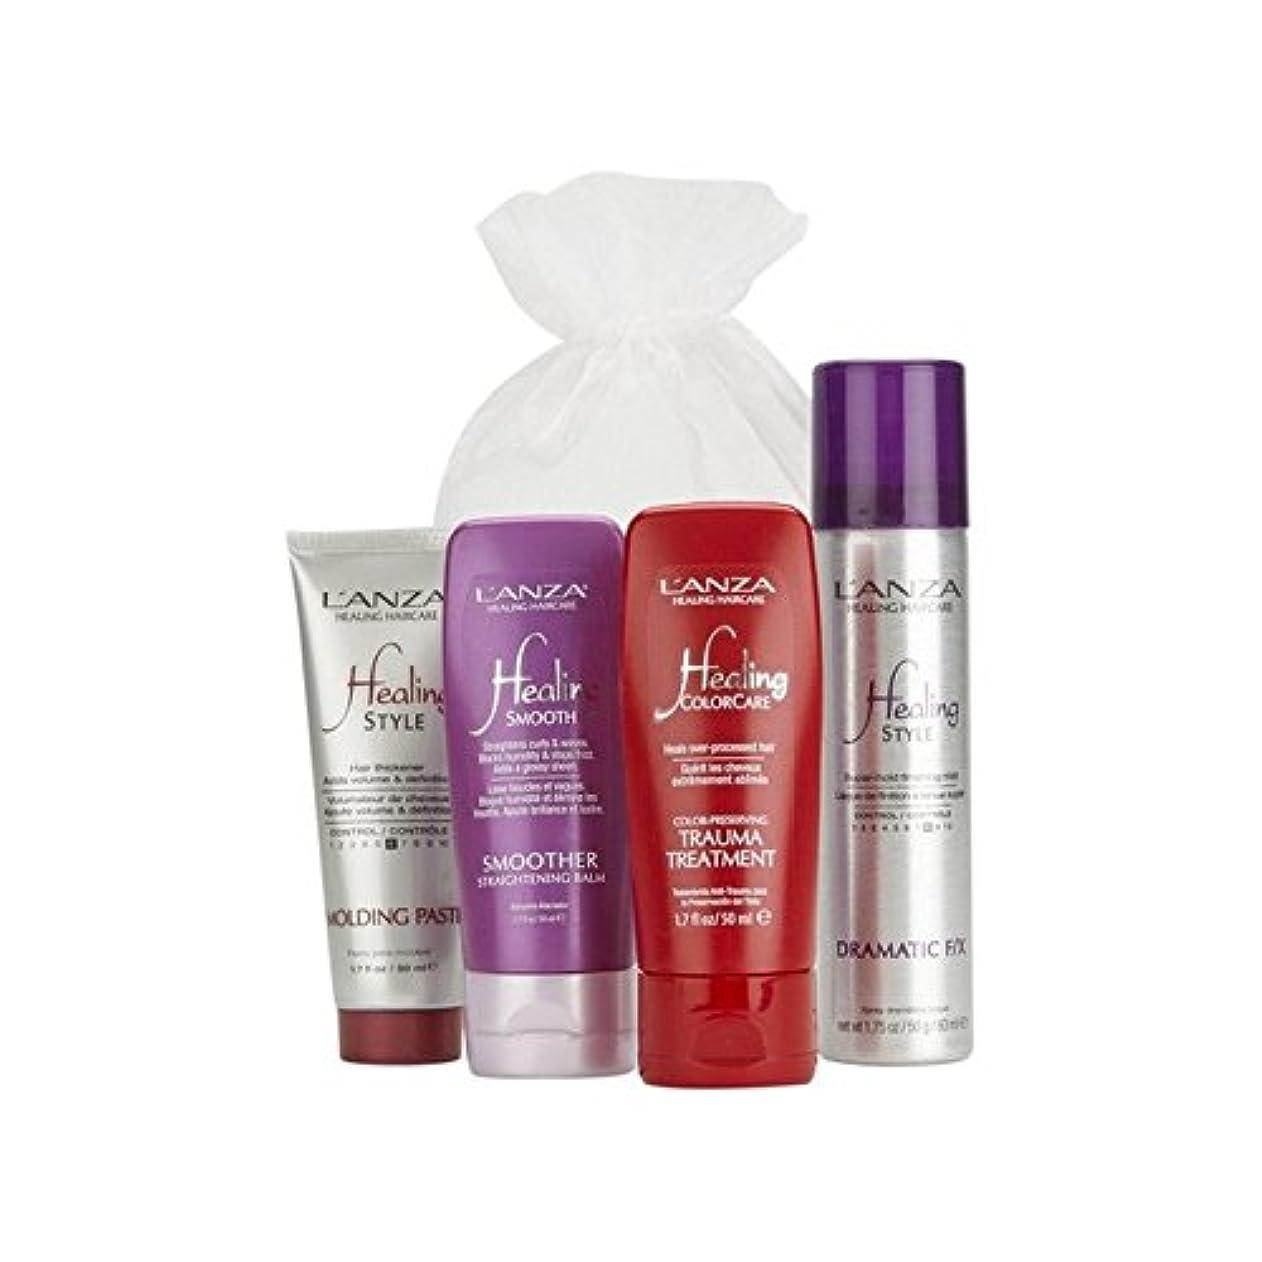 ヘビスカープ文字通りアンザ入門ヘアパック(内容は変更になる場合があります) x2 - L'Anza Introductory Hair Pack (Contents May Vary) (Pack of 2) [並行輸入品]